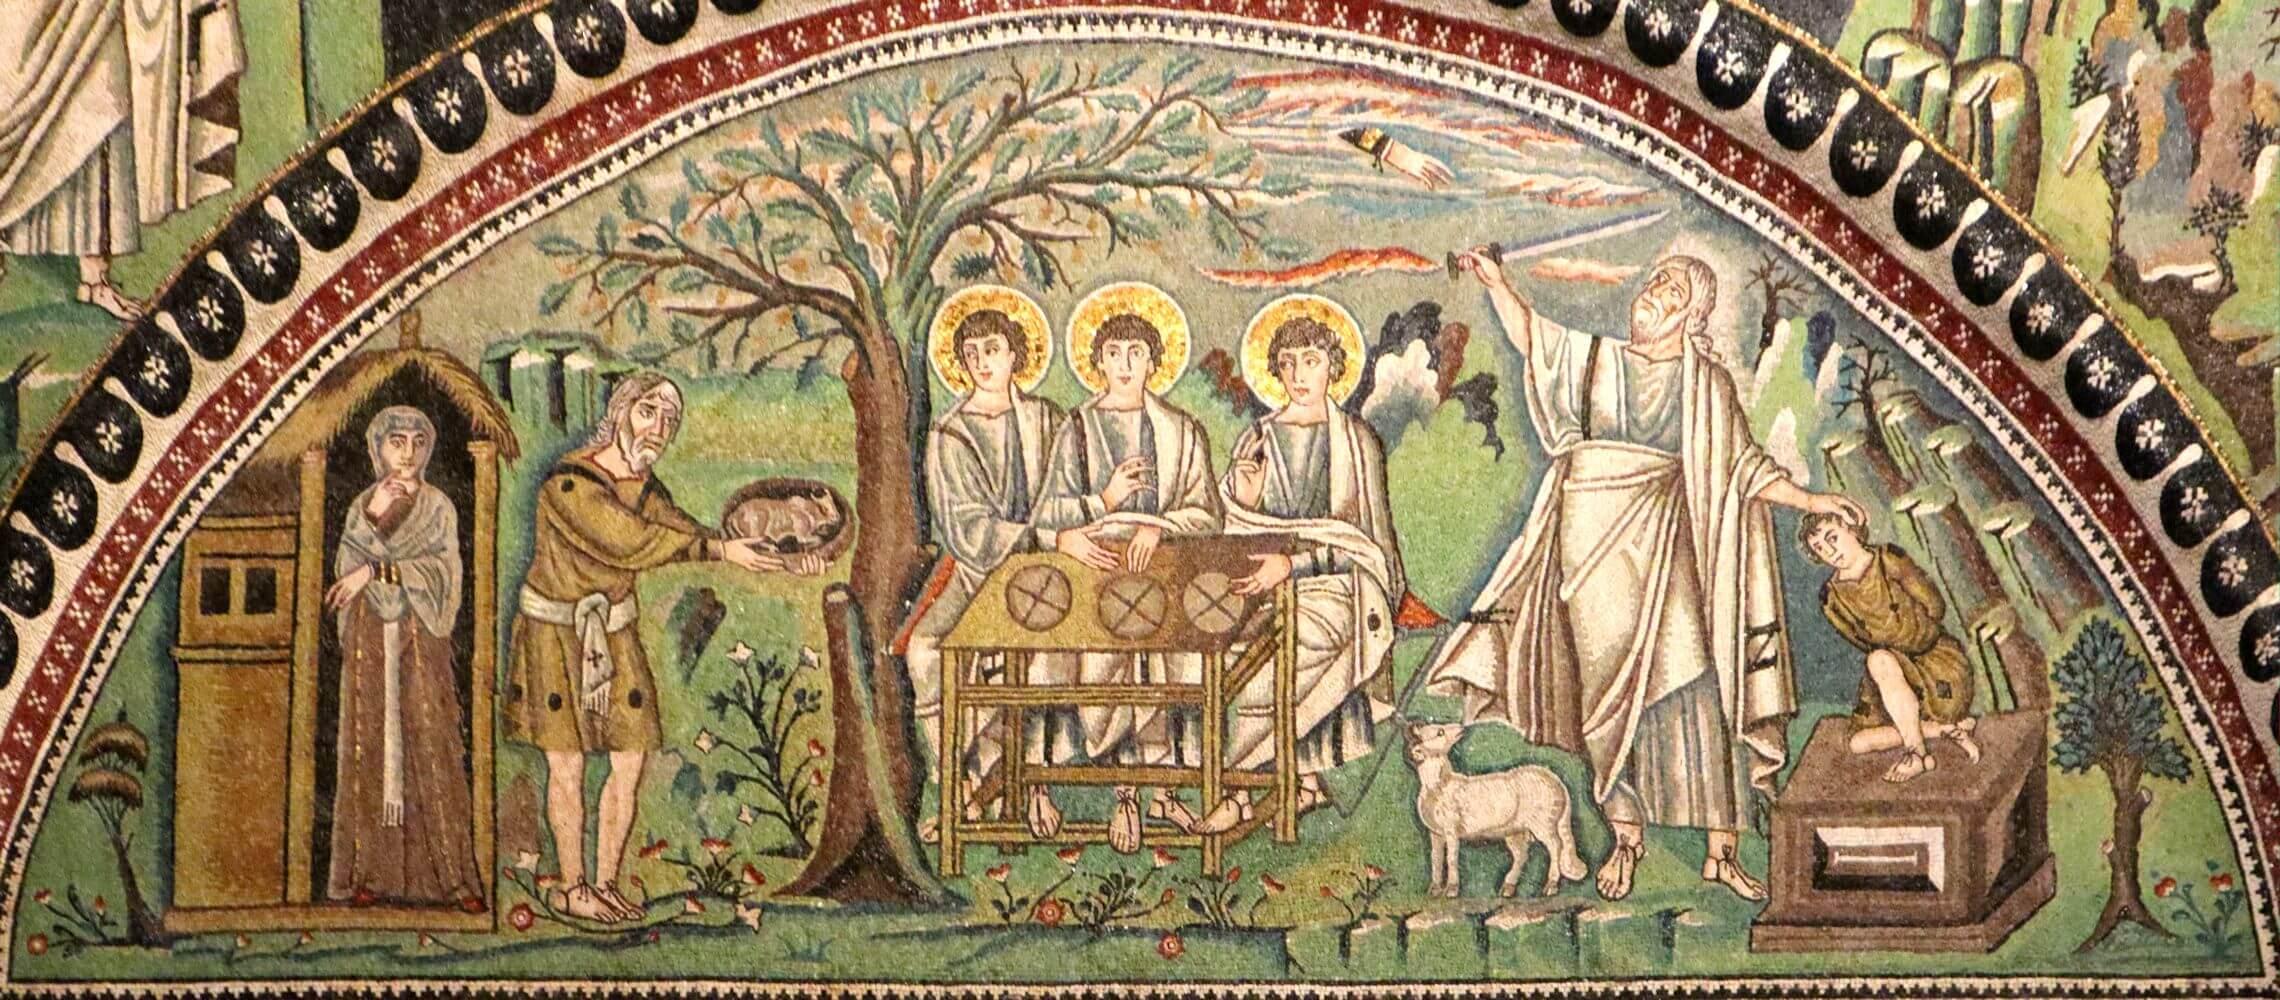 Mosaik: Abrahams Gastfreundschaft und Gehorsam., 6. Jahrhundert, in der Kirche San Vitale in Ravenna